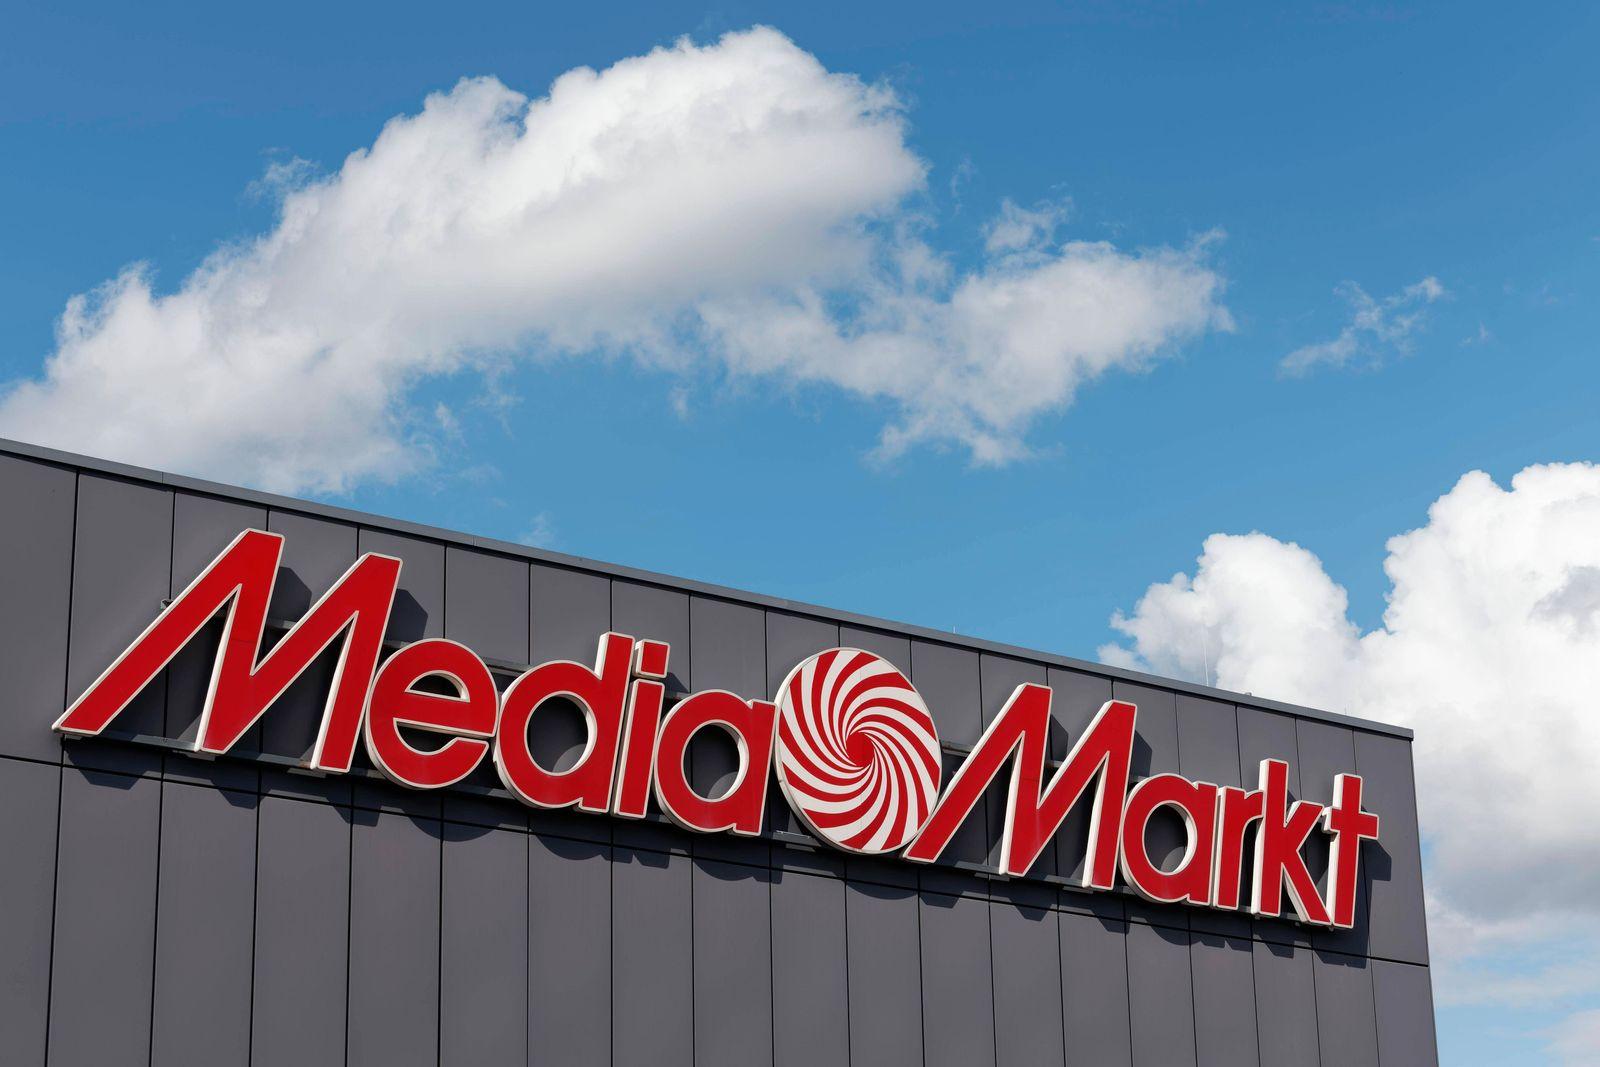 Media Markt, Logo am Gebäude, Unterhaltungselektronikkette, ehemals Metro AG, heute Ceconomy, Düsseldorf, Nordrhein-West